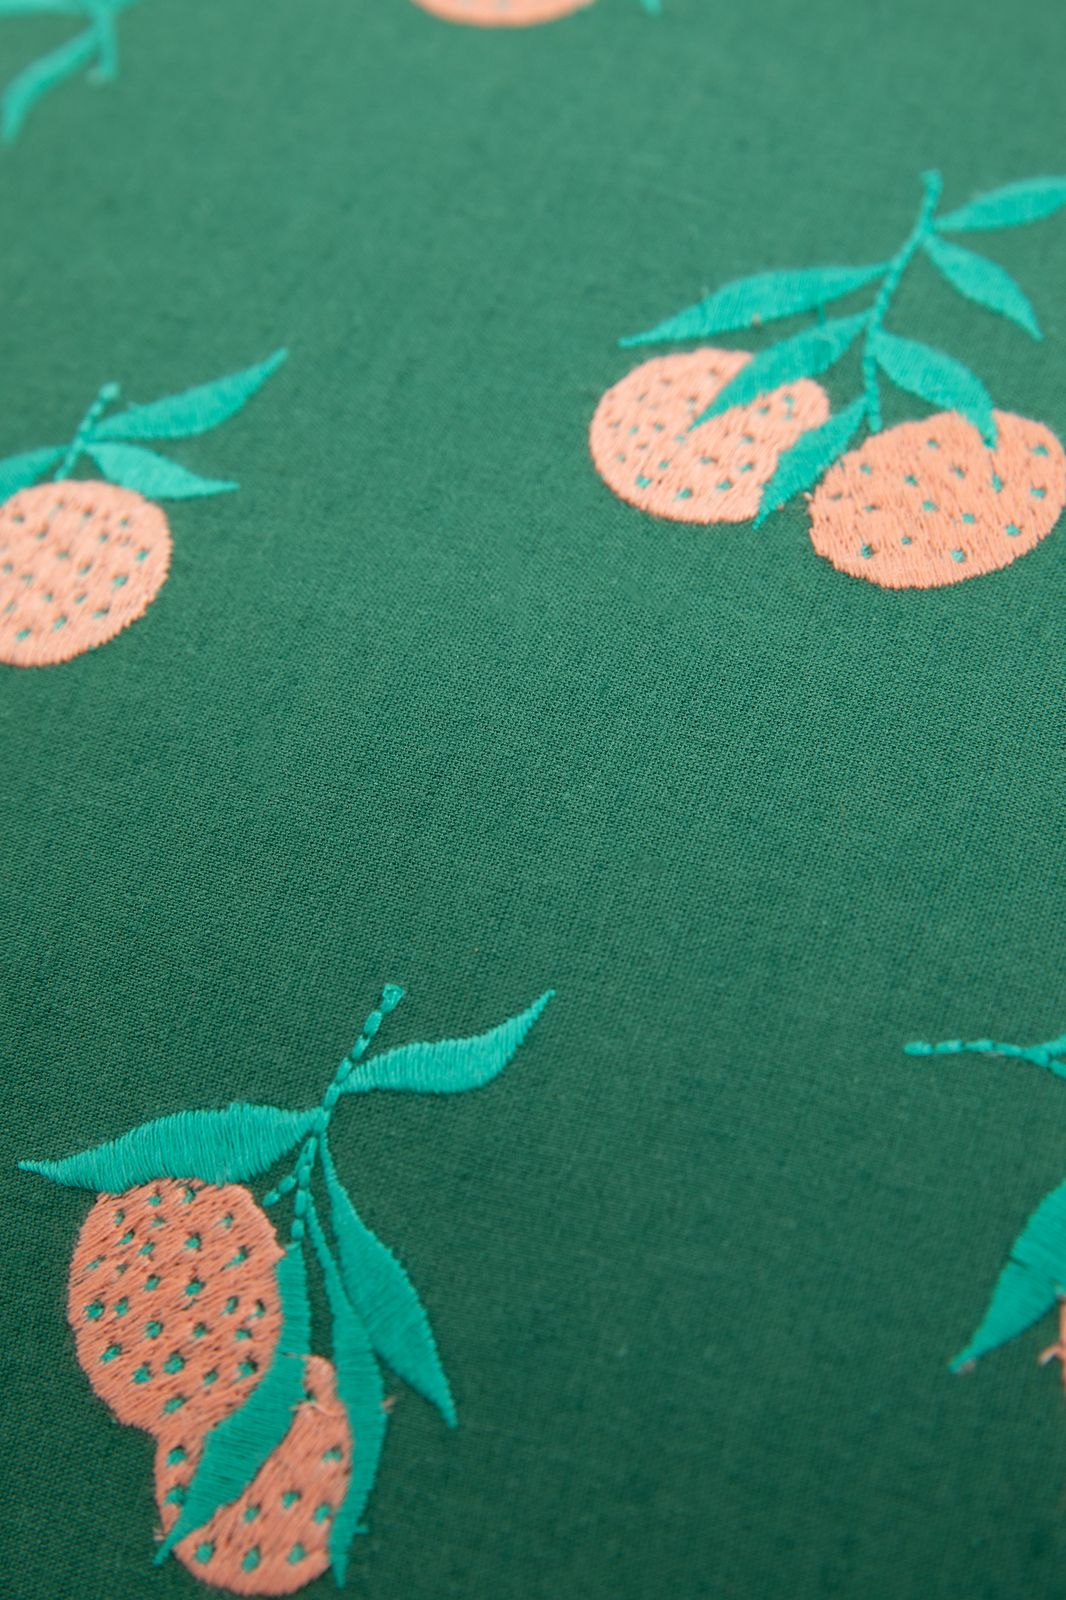 Groen sierkussen met all over sinaasappel embroidery - Homeland | Sissy-Boy